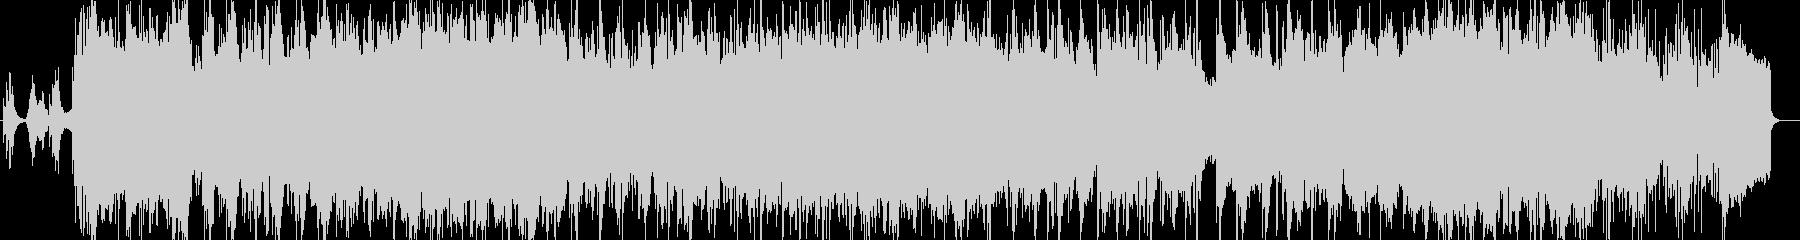 オシレータシンク活用の和風インスト曲の未再生の波形